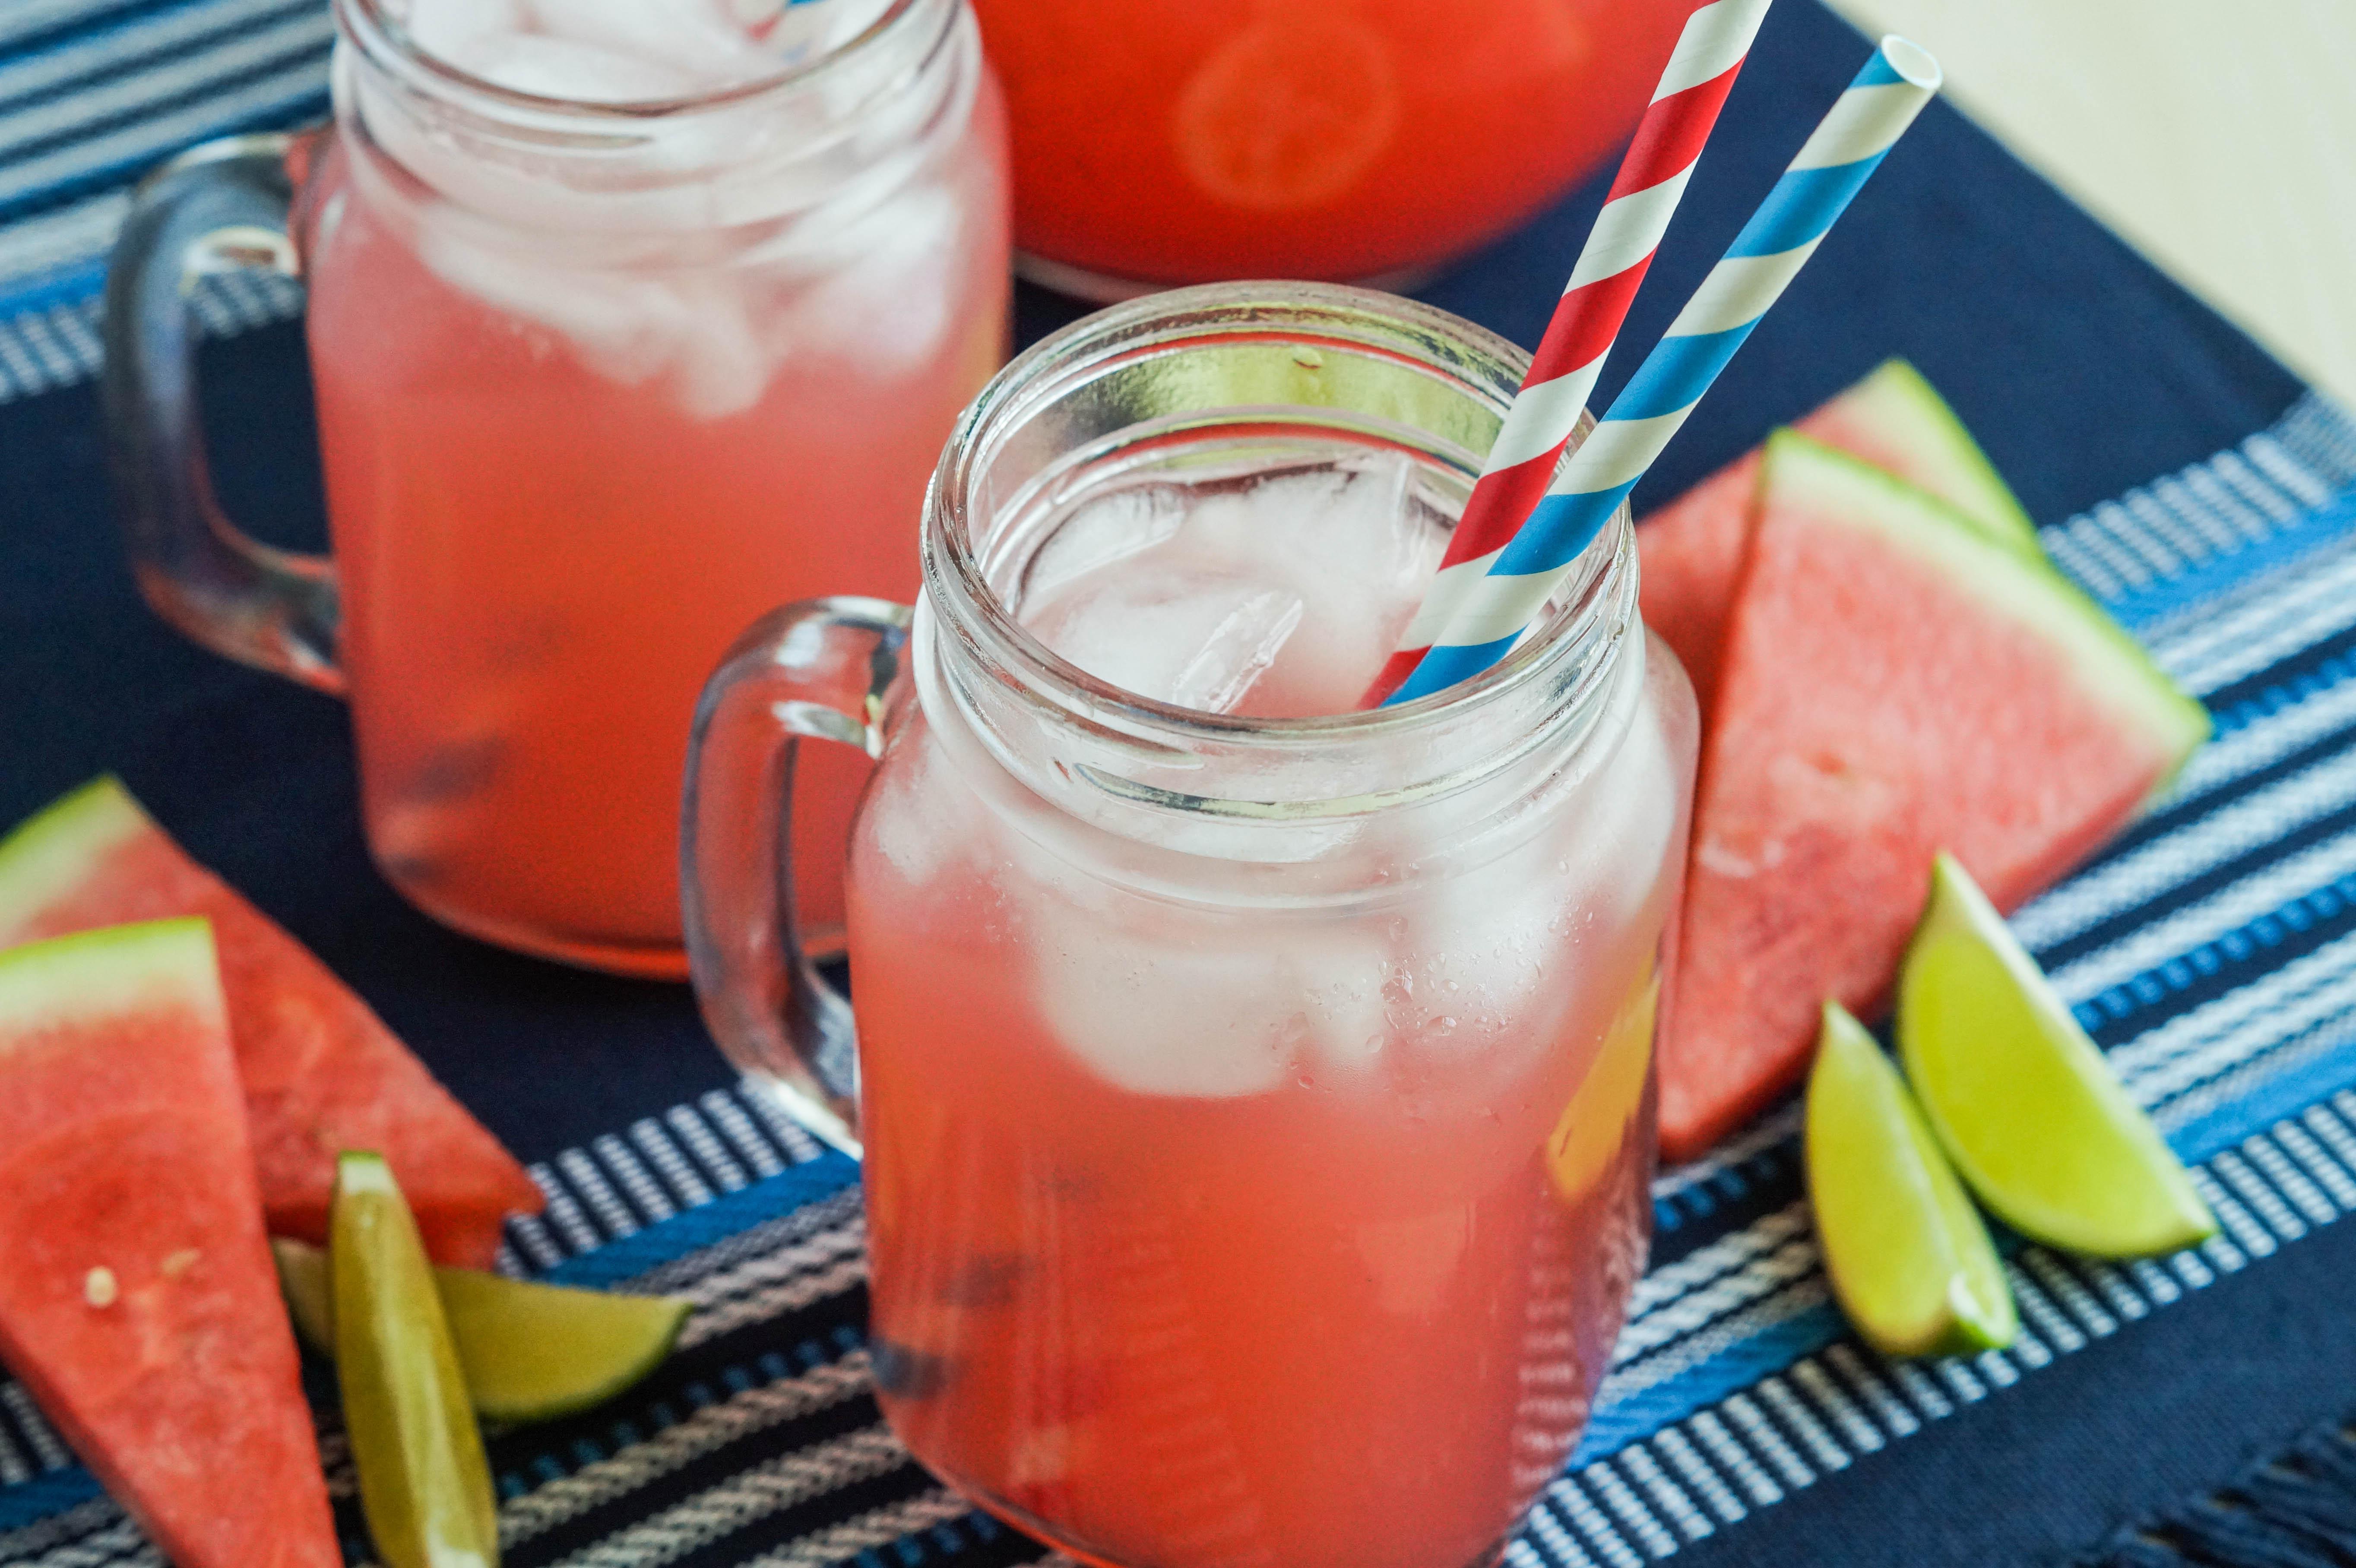 Agua-de-Sandia-Mexican-Watermelon-Water-3-of-3